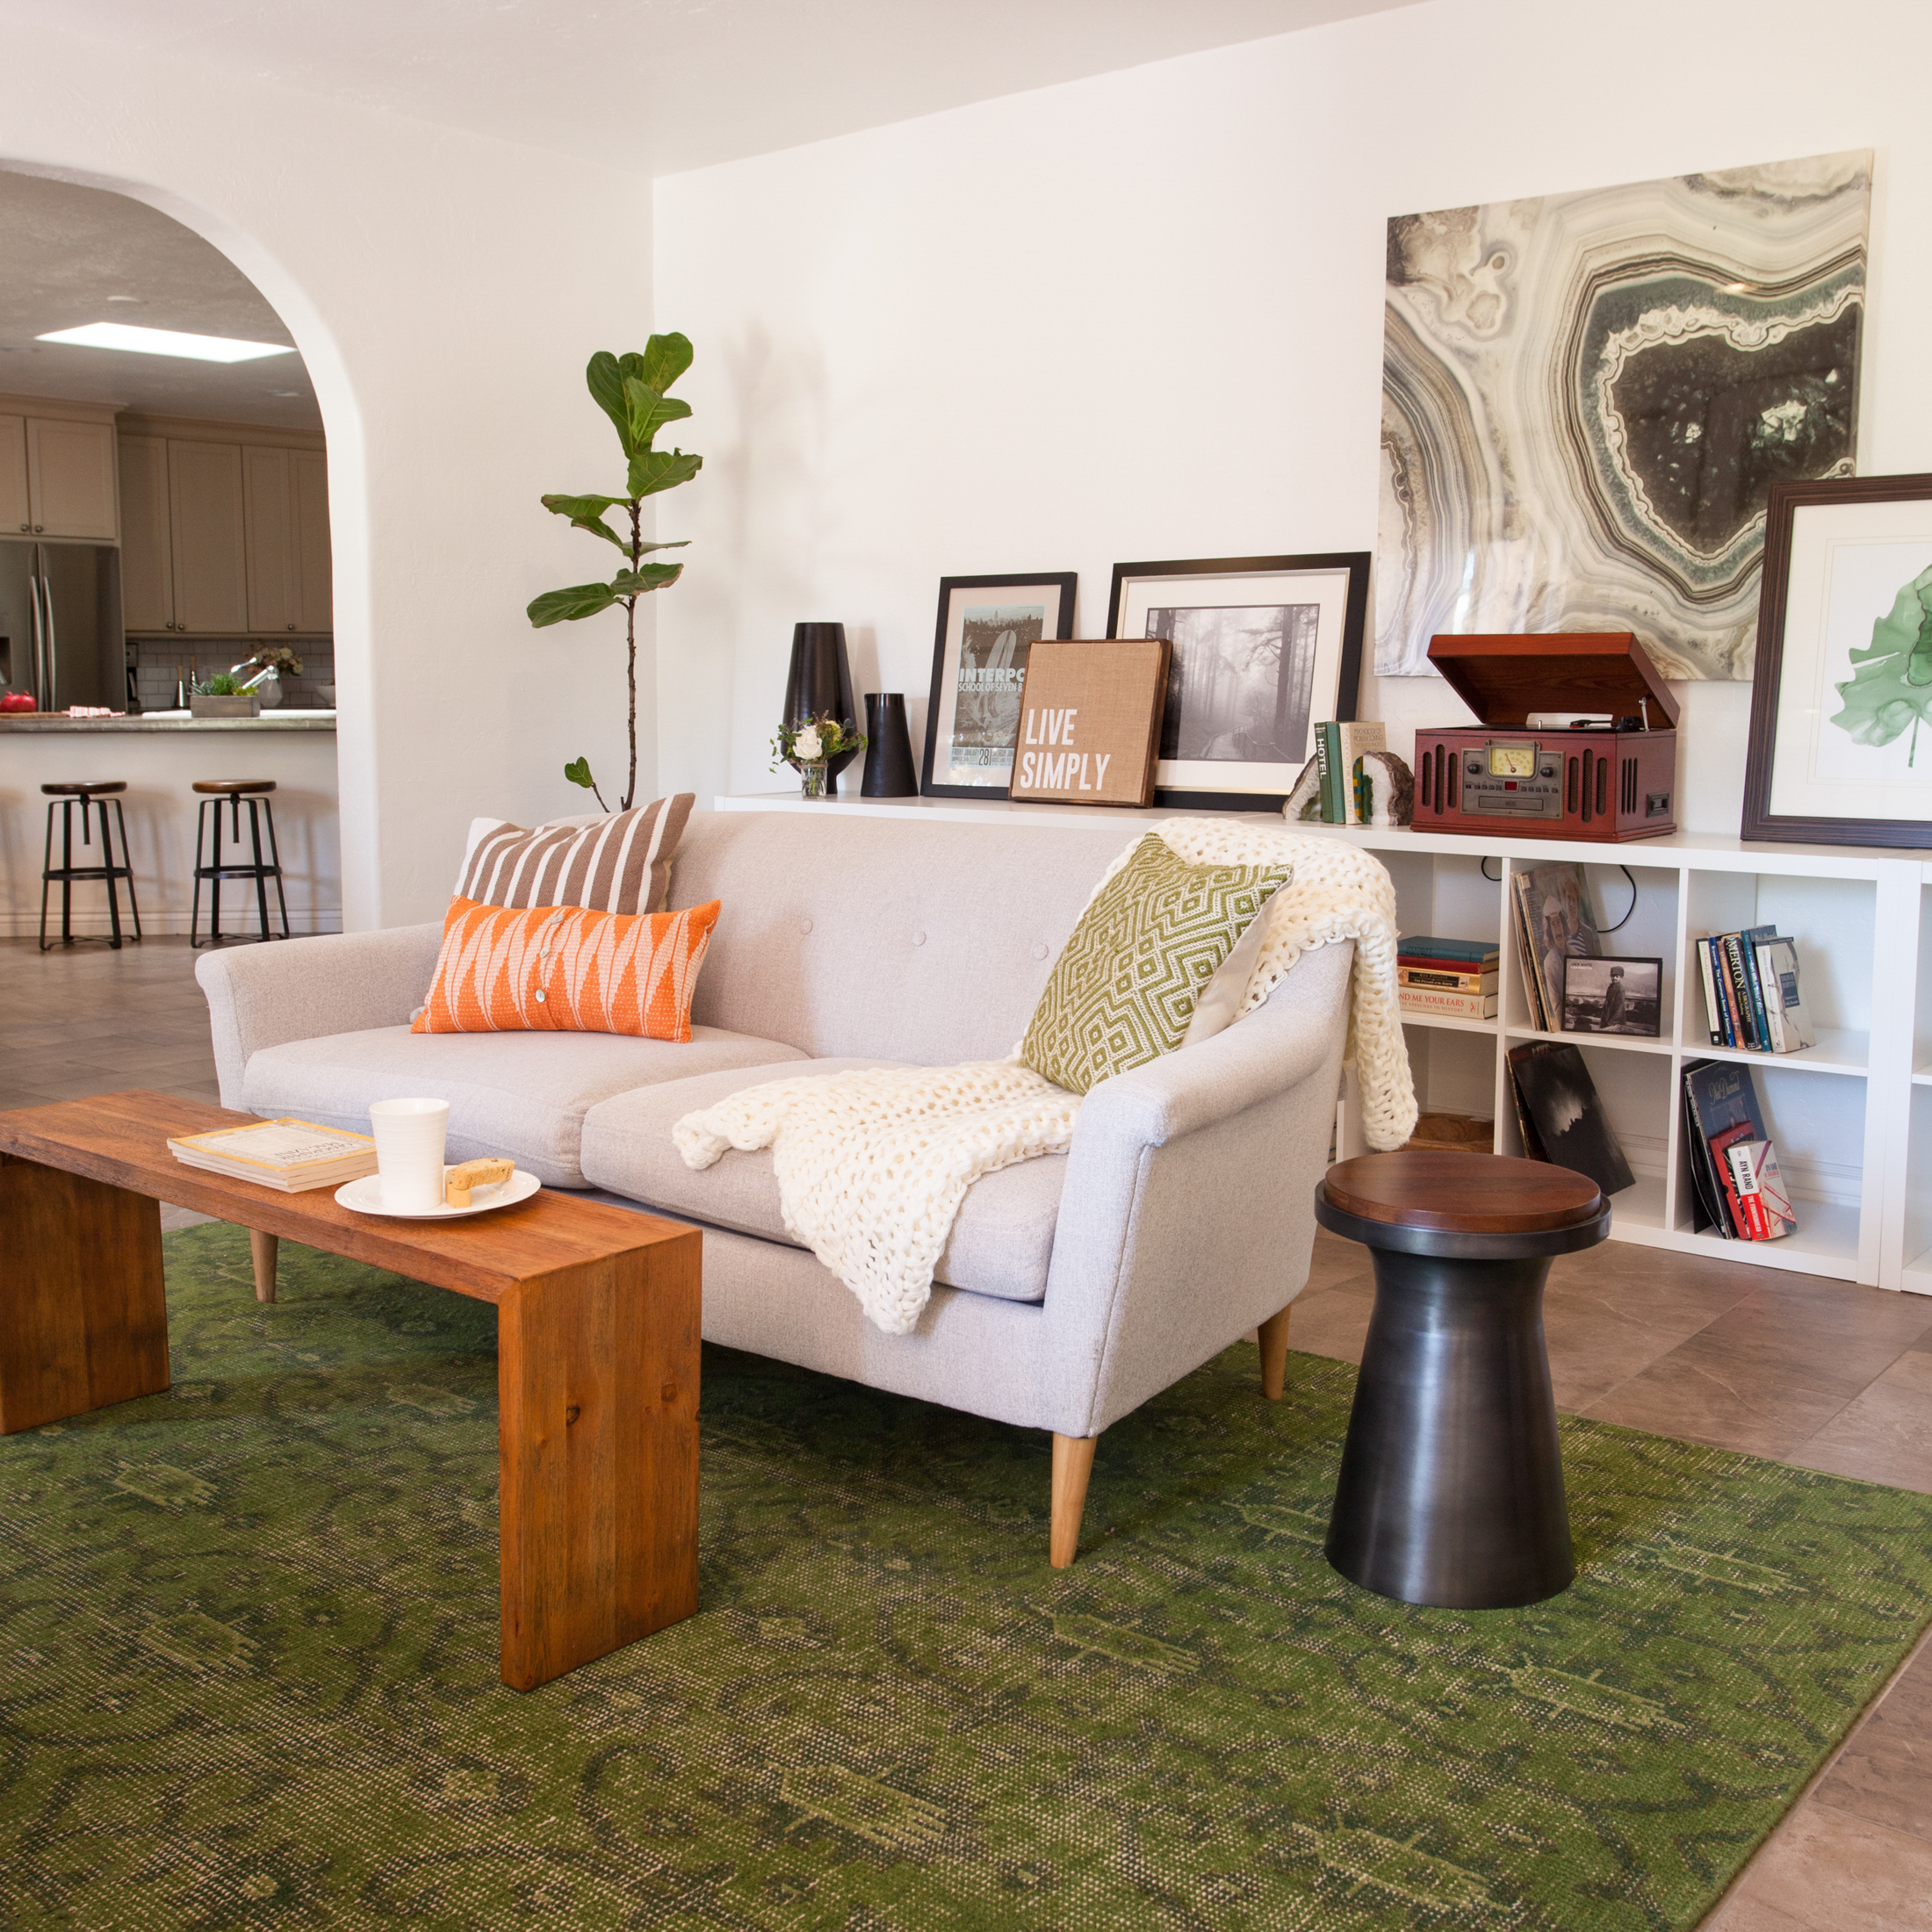 Interior-Design-www.JamesStewart.photo-13.jpg